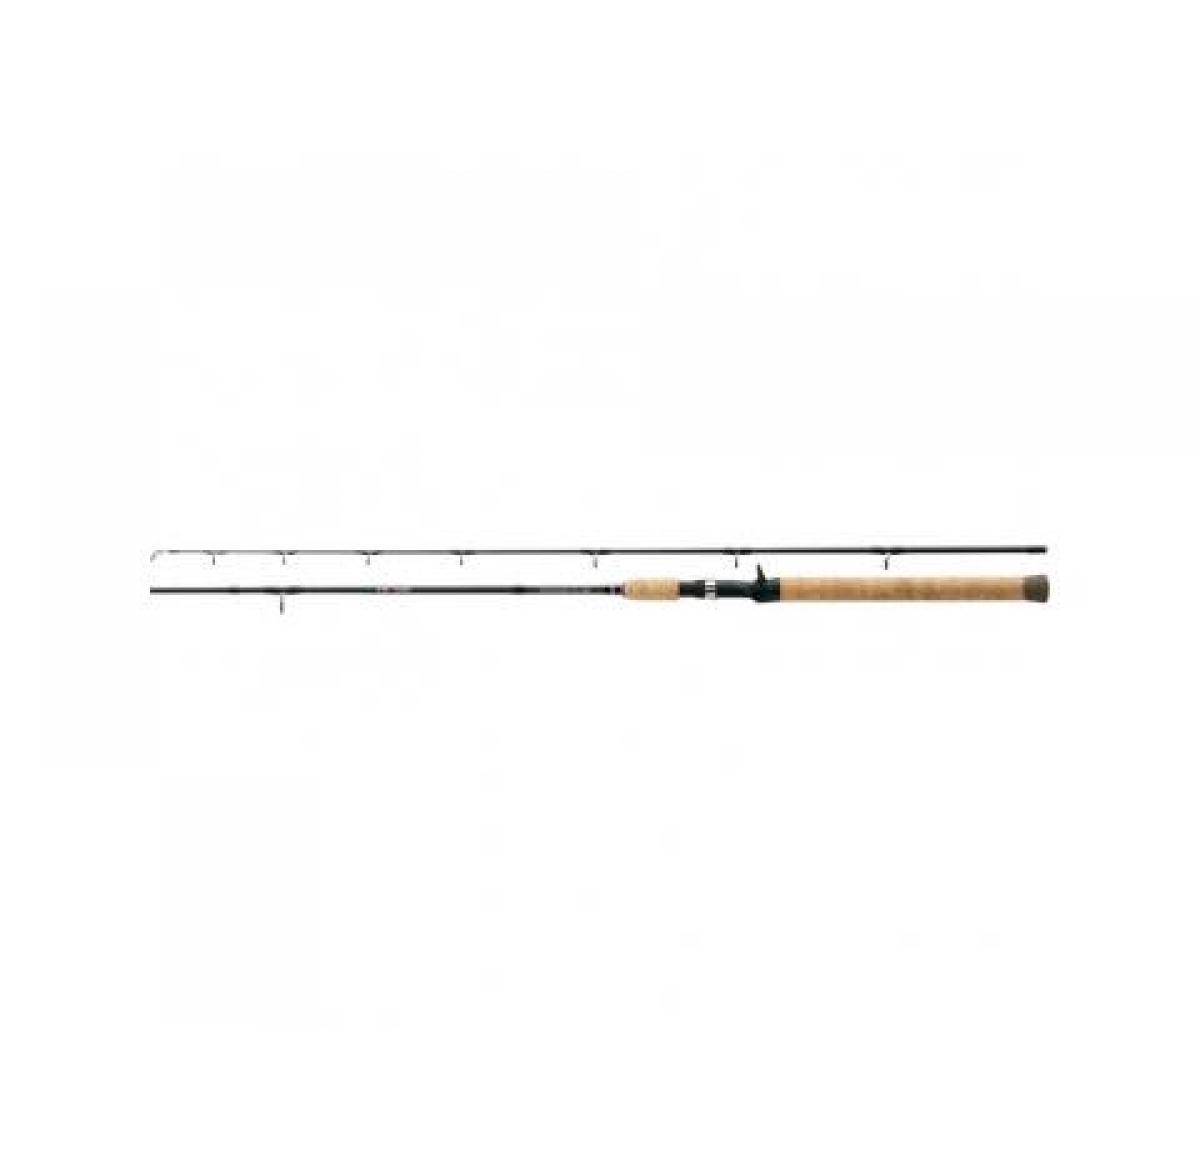 Jaxon Eternum Speedy Cast 198 cm 5-25 g